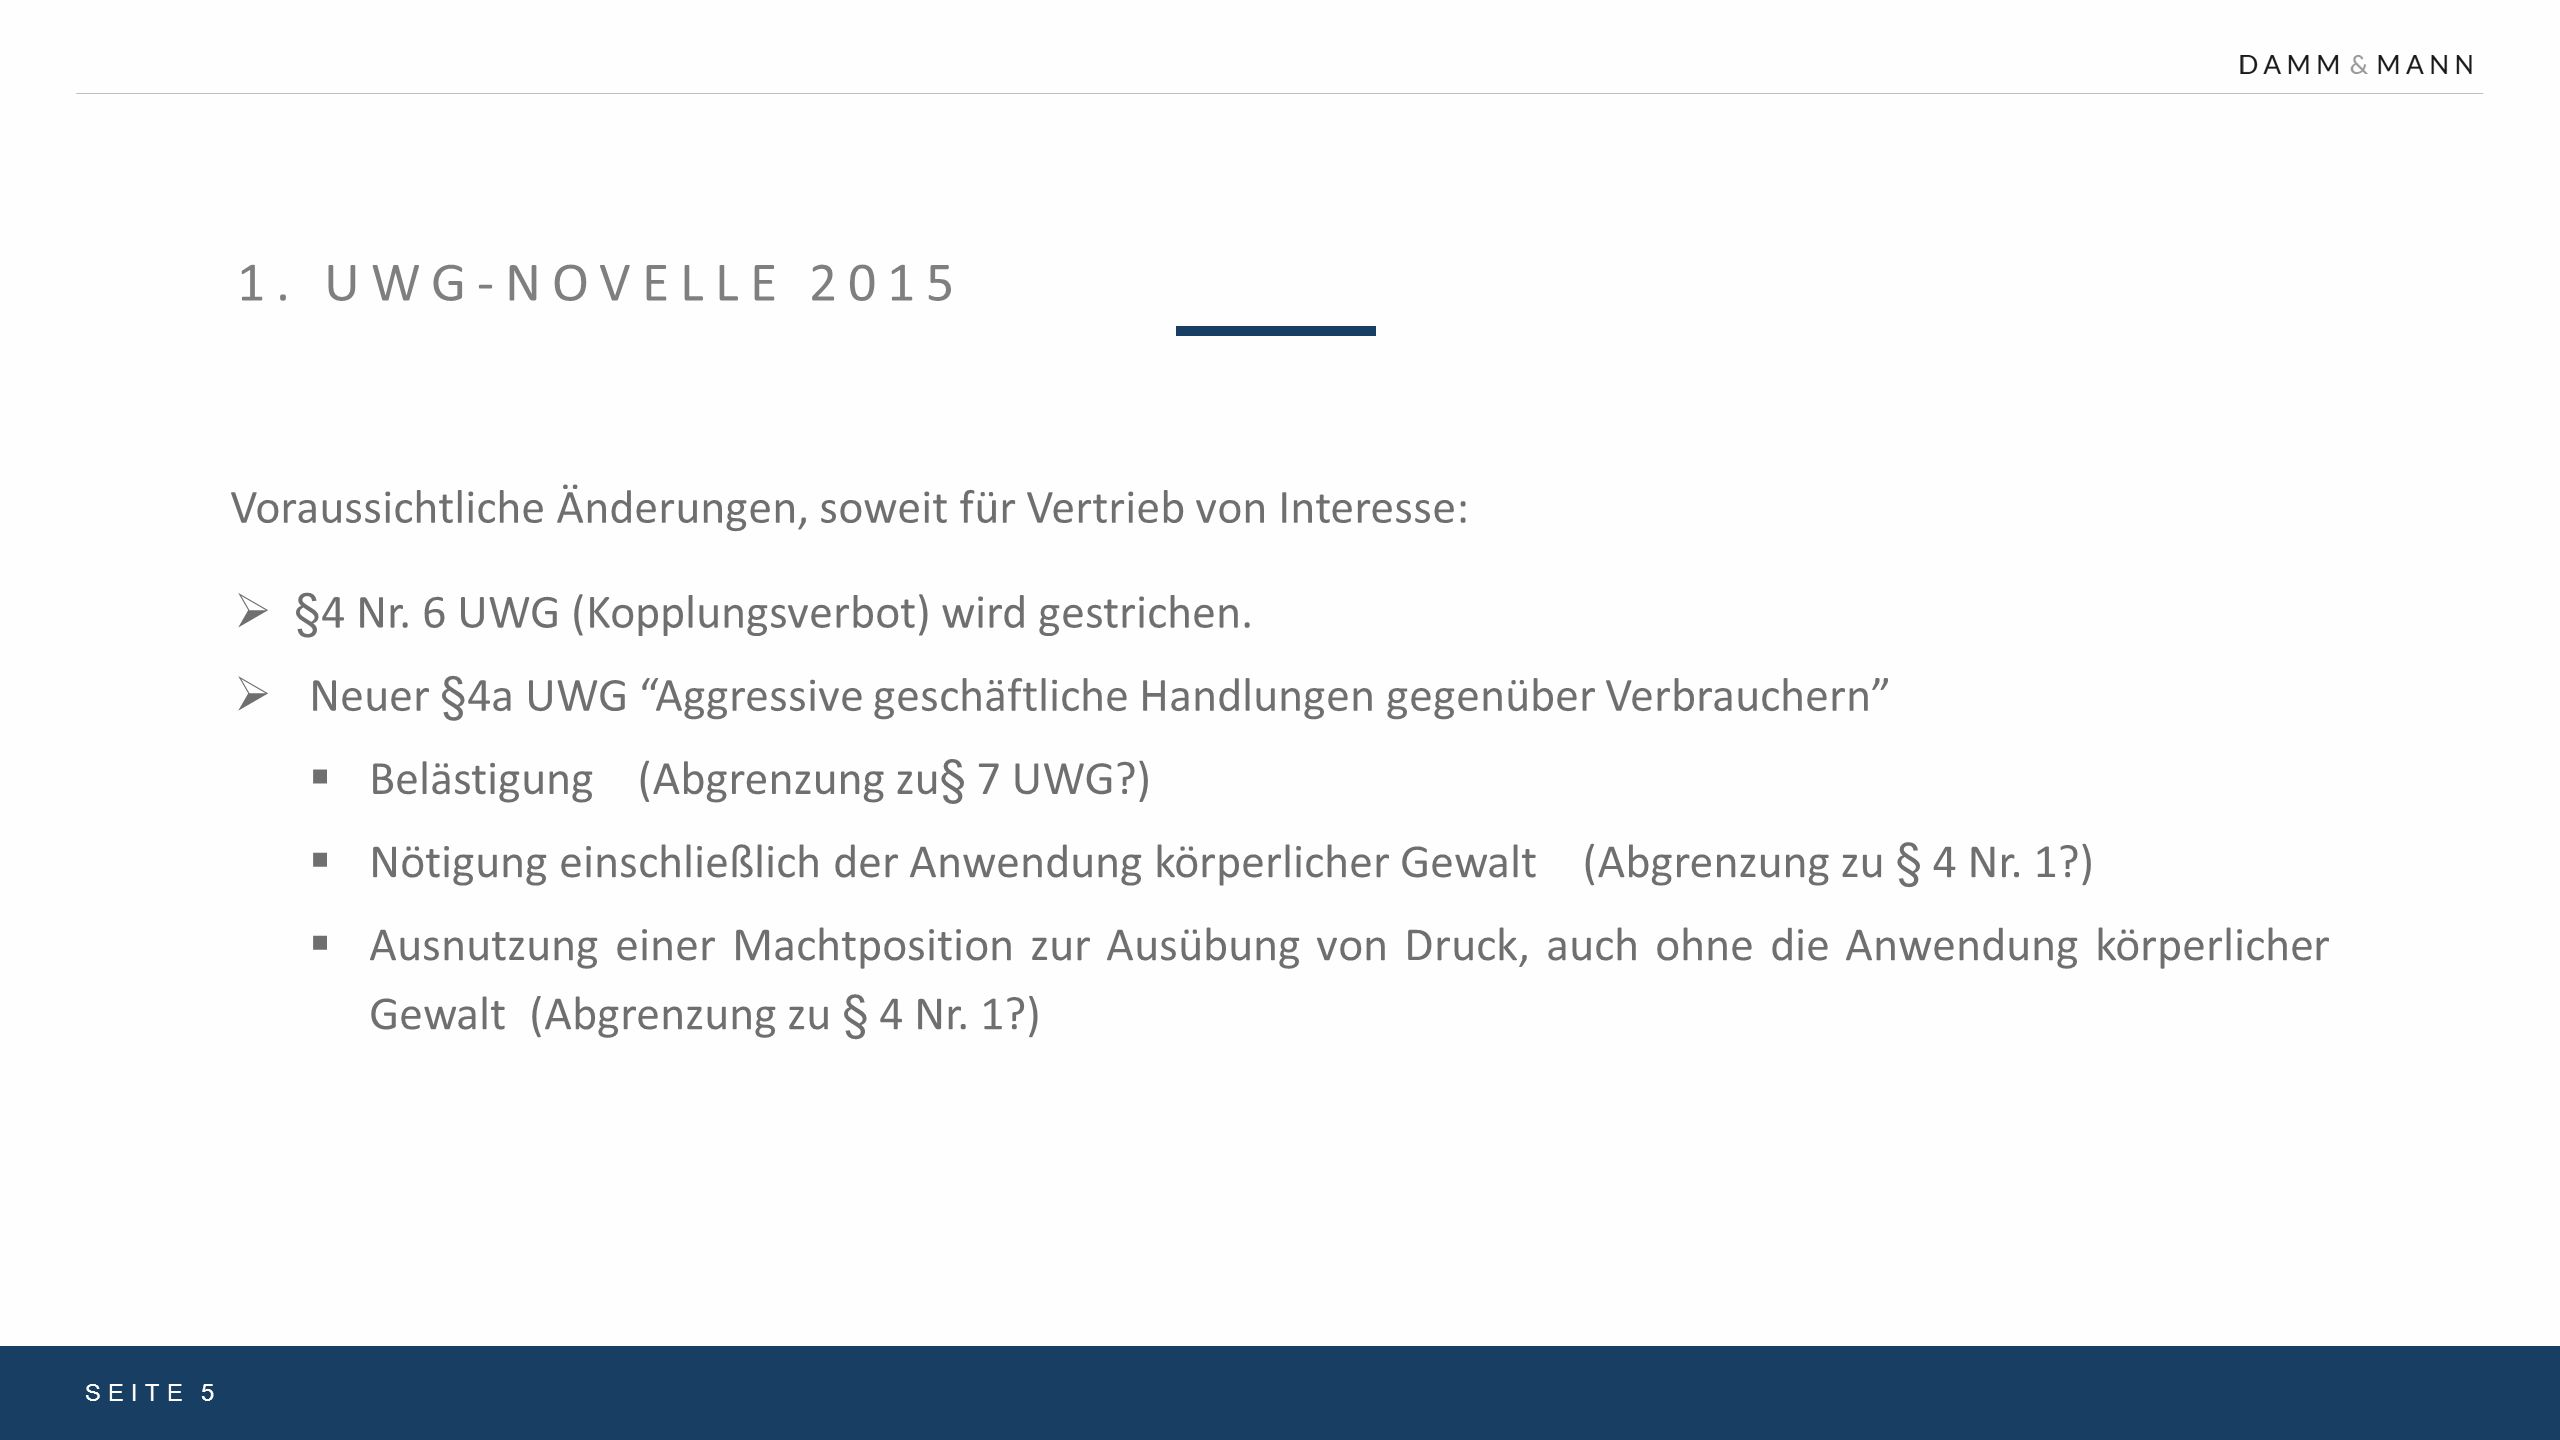 1. UWG-NOVELLE 2015 Voraussichtliche Änderungen, soweit für Vertrieb von Interesse: SEITE 5  §4 Nr. 6 UWG (Kopplungsverbot) wird gestrichen.  Neuer